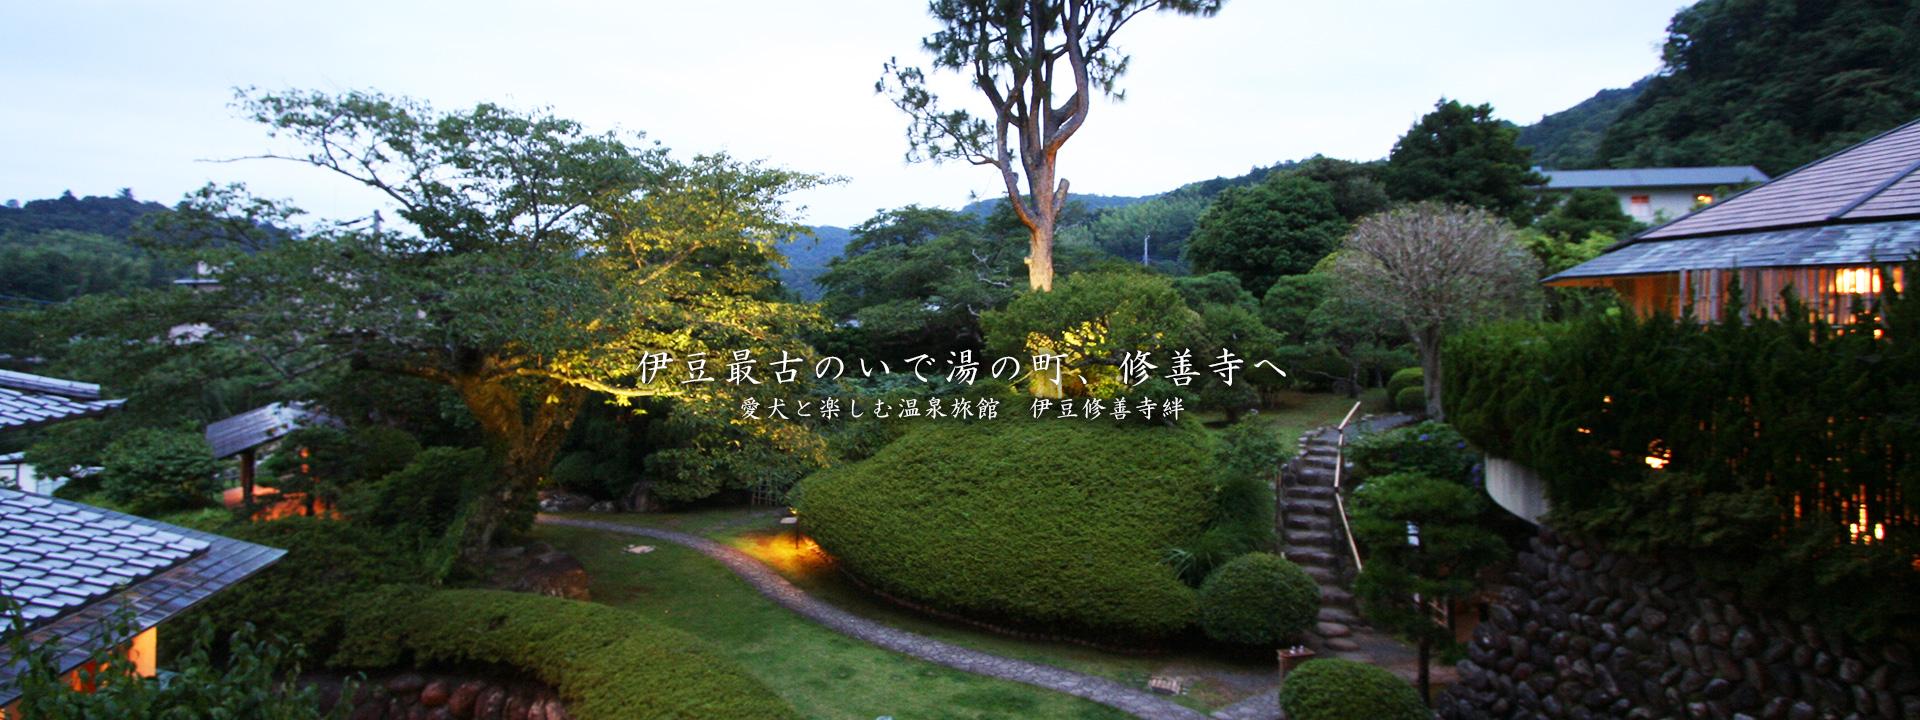 160803_kizuna1_08.jpg